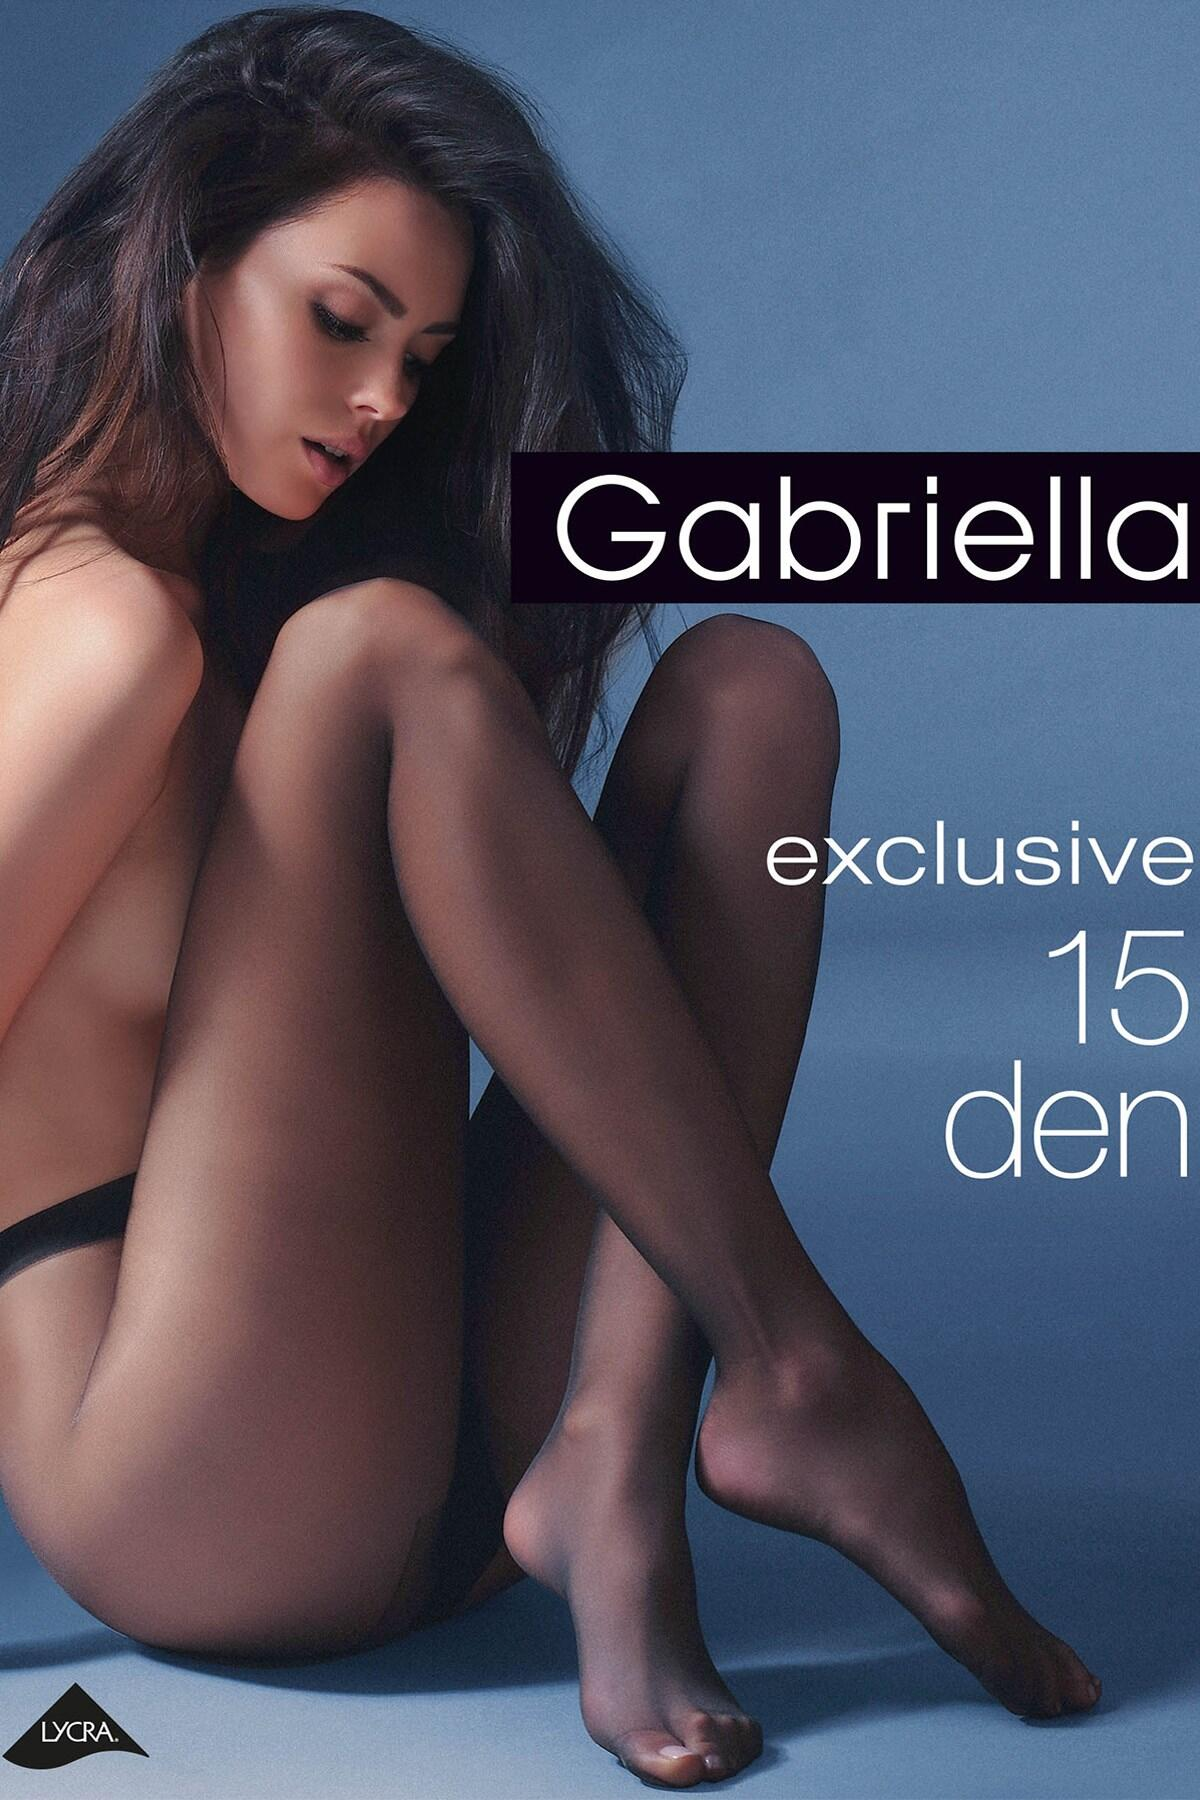 Gabriella Classic 15 Denier - Neutral